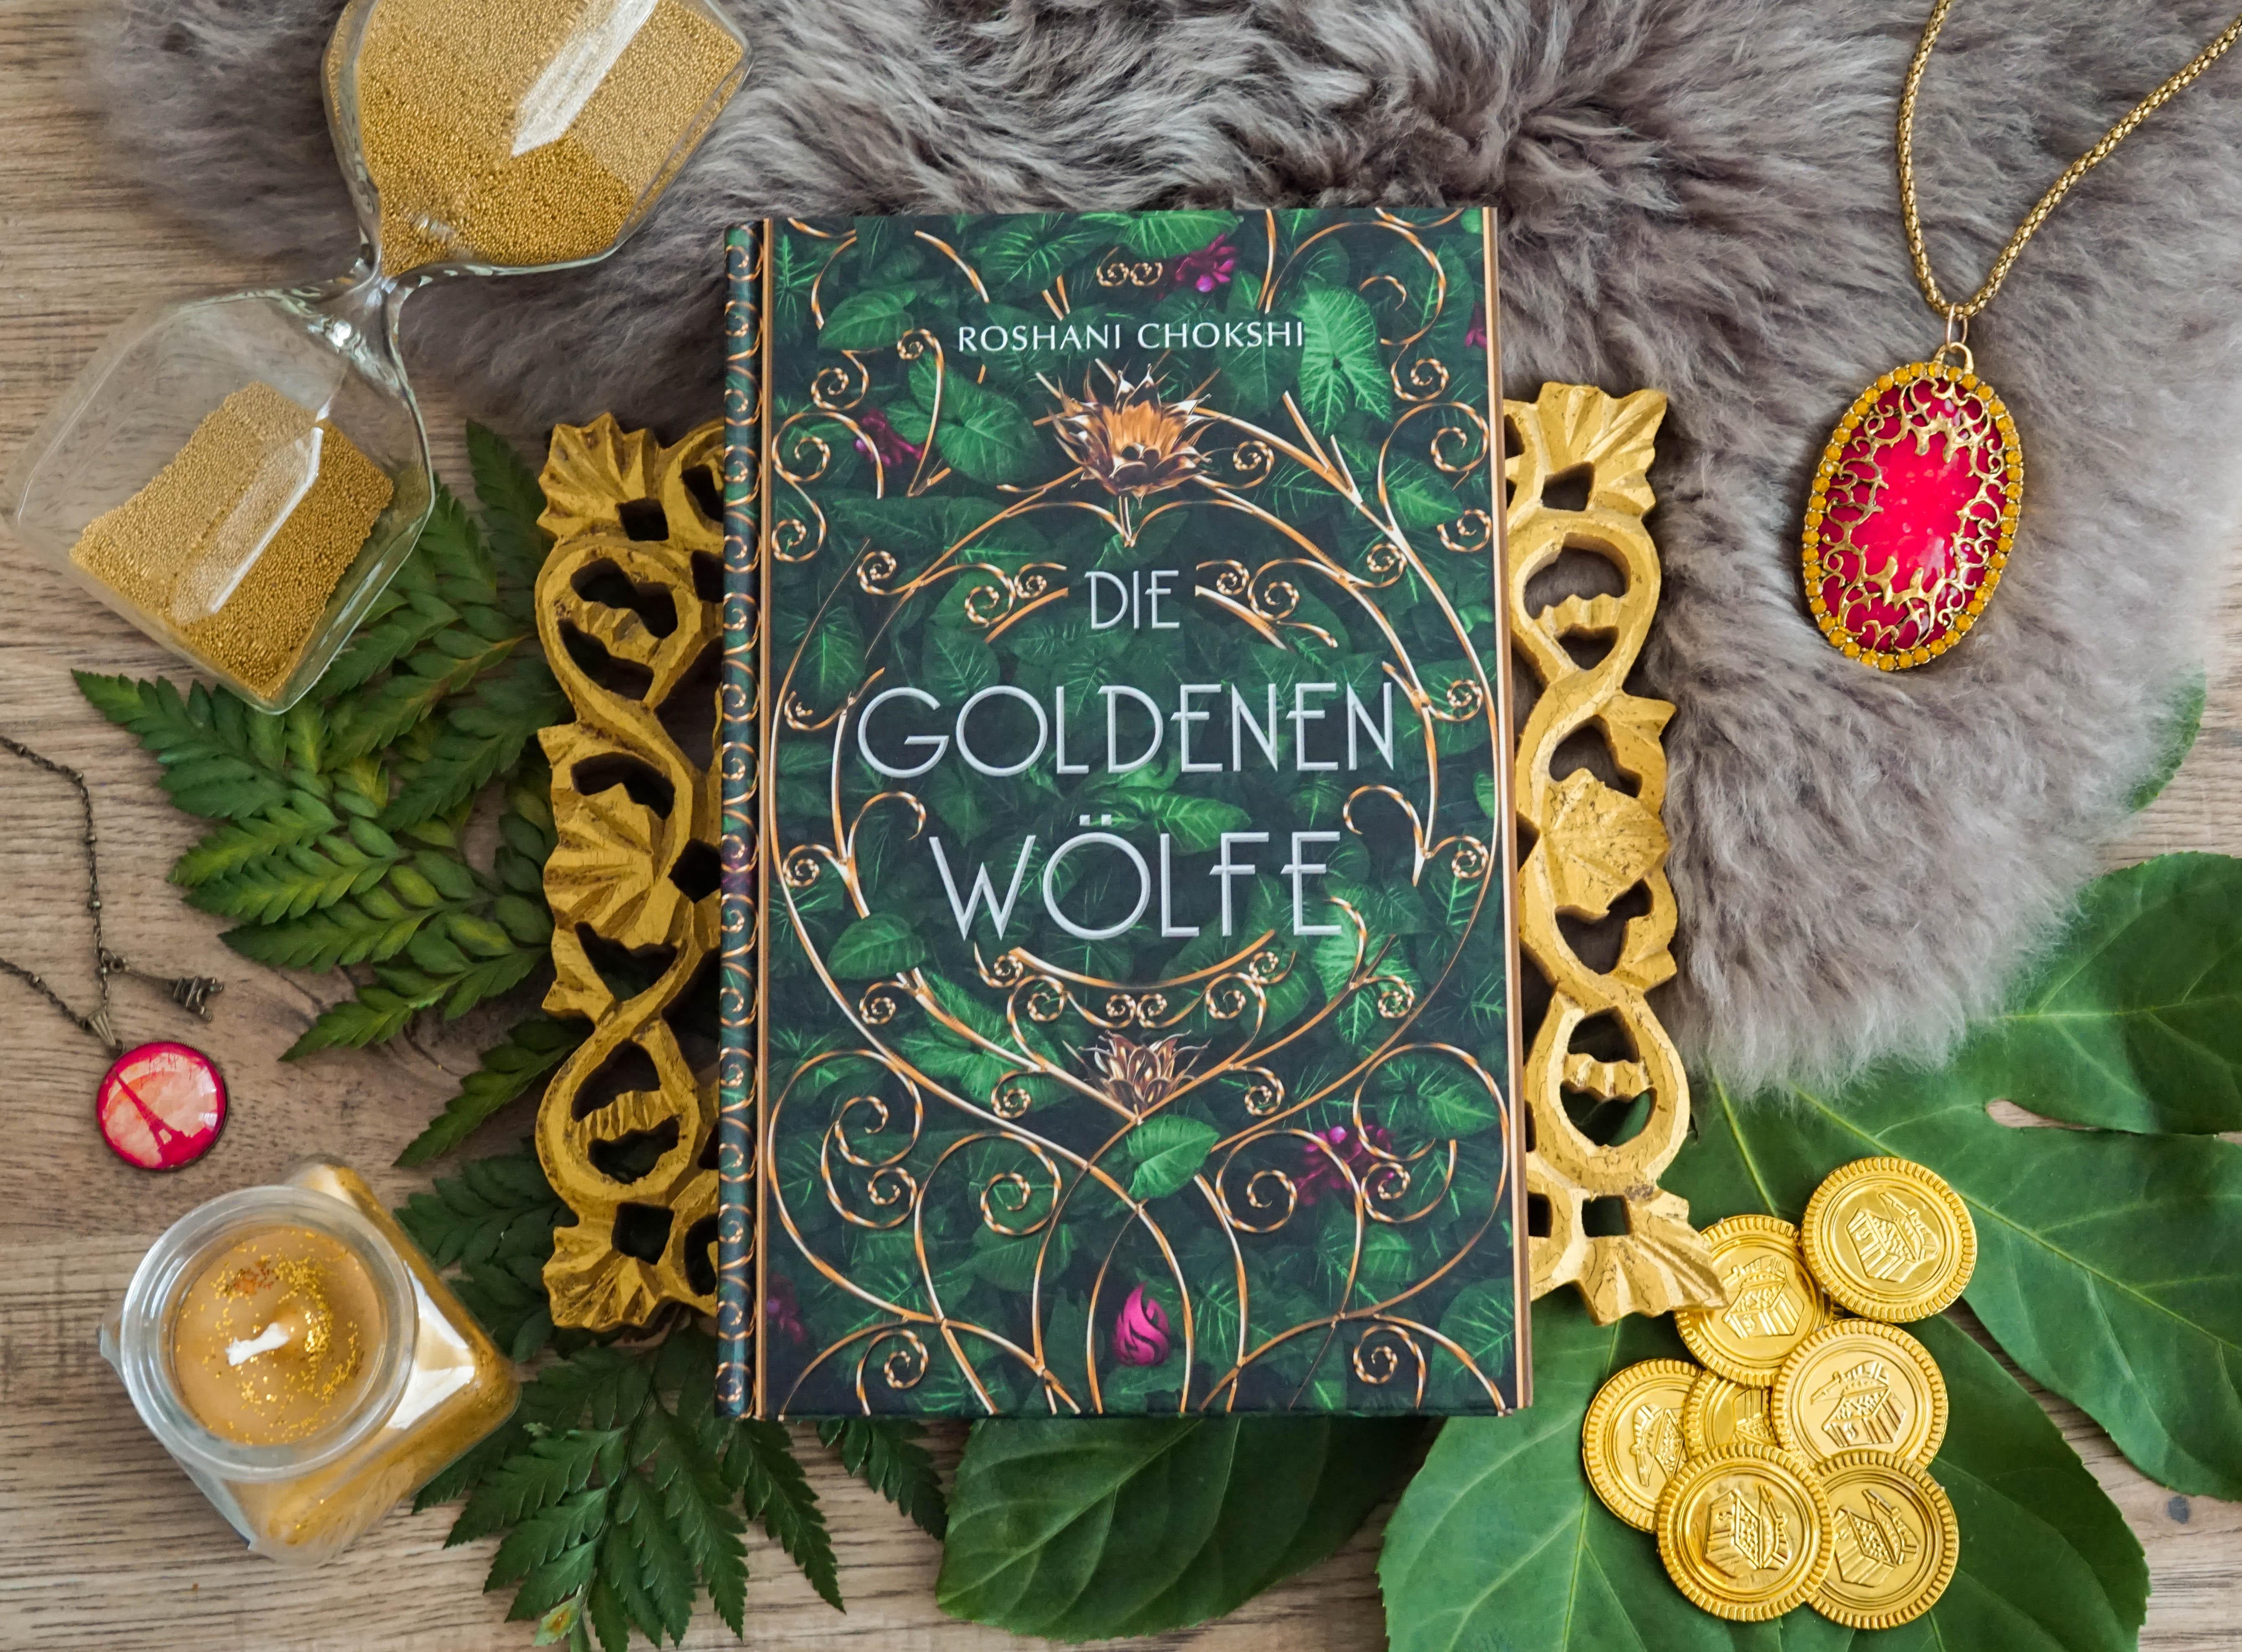 Die goldenen Wölfe – Roshani Chokshi graphic